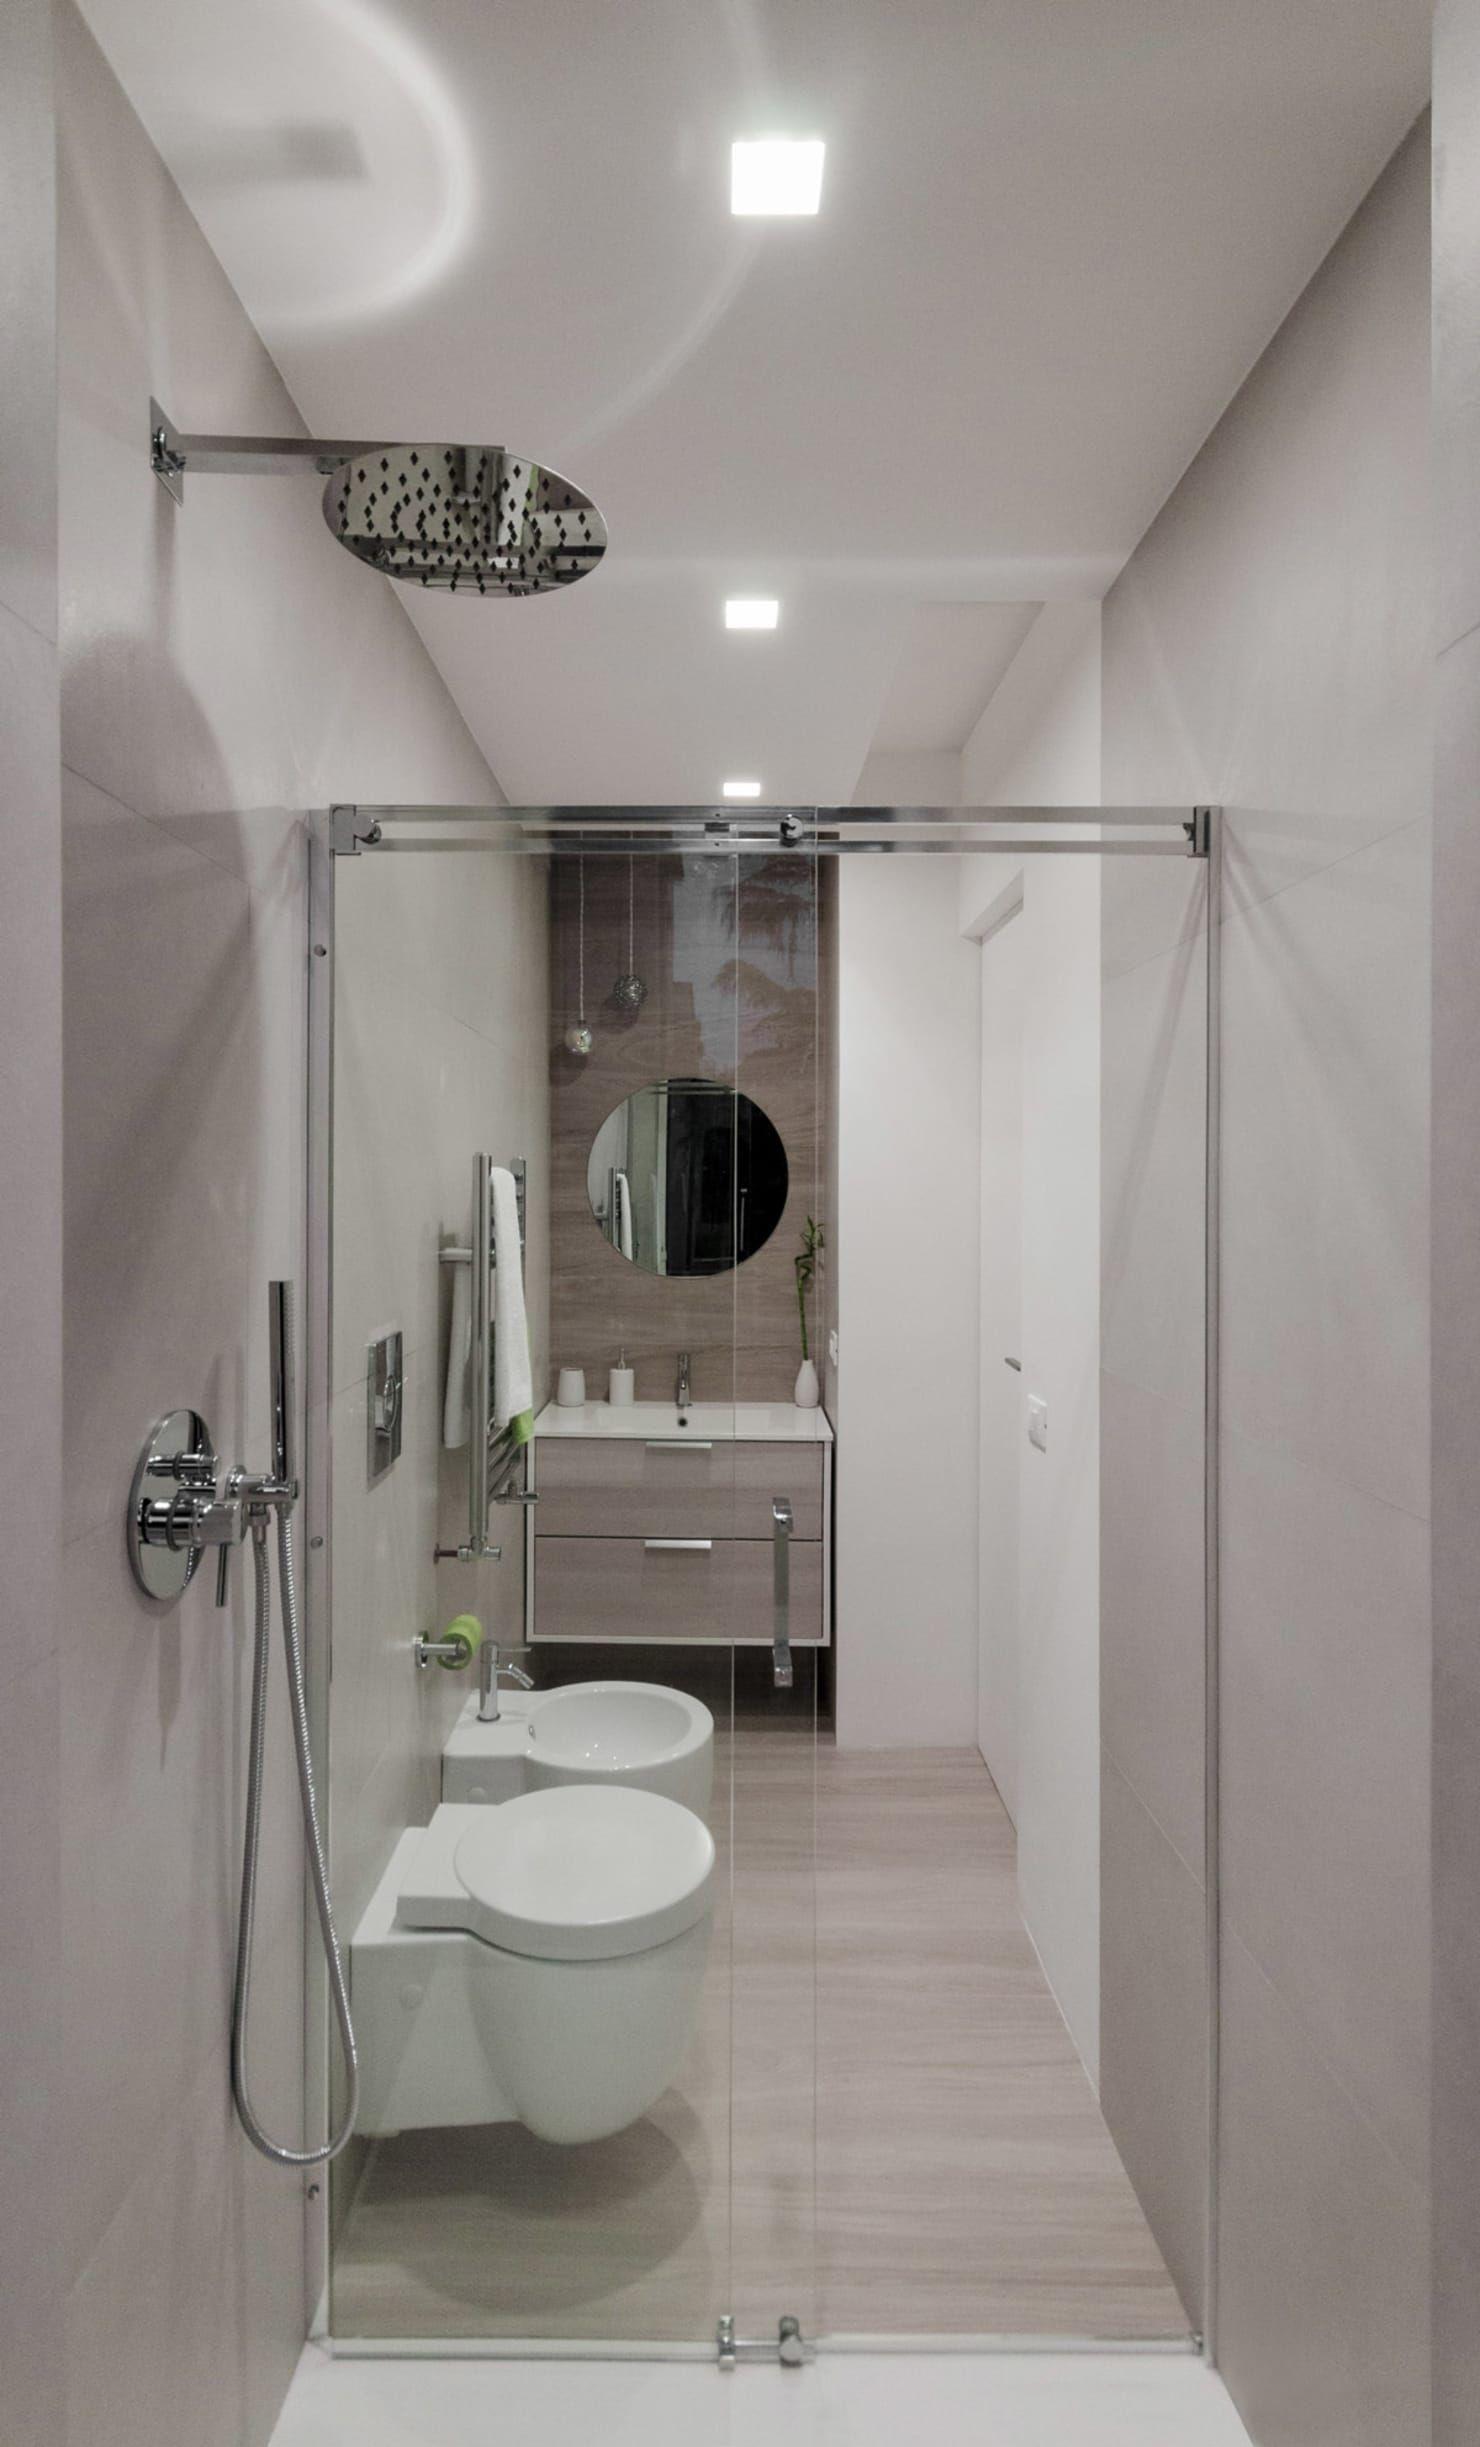 Photo of Bagno piccolo rettangolare bagno minimalista di minimarchitetti minimalista | homify